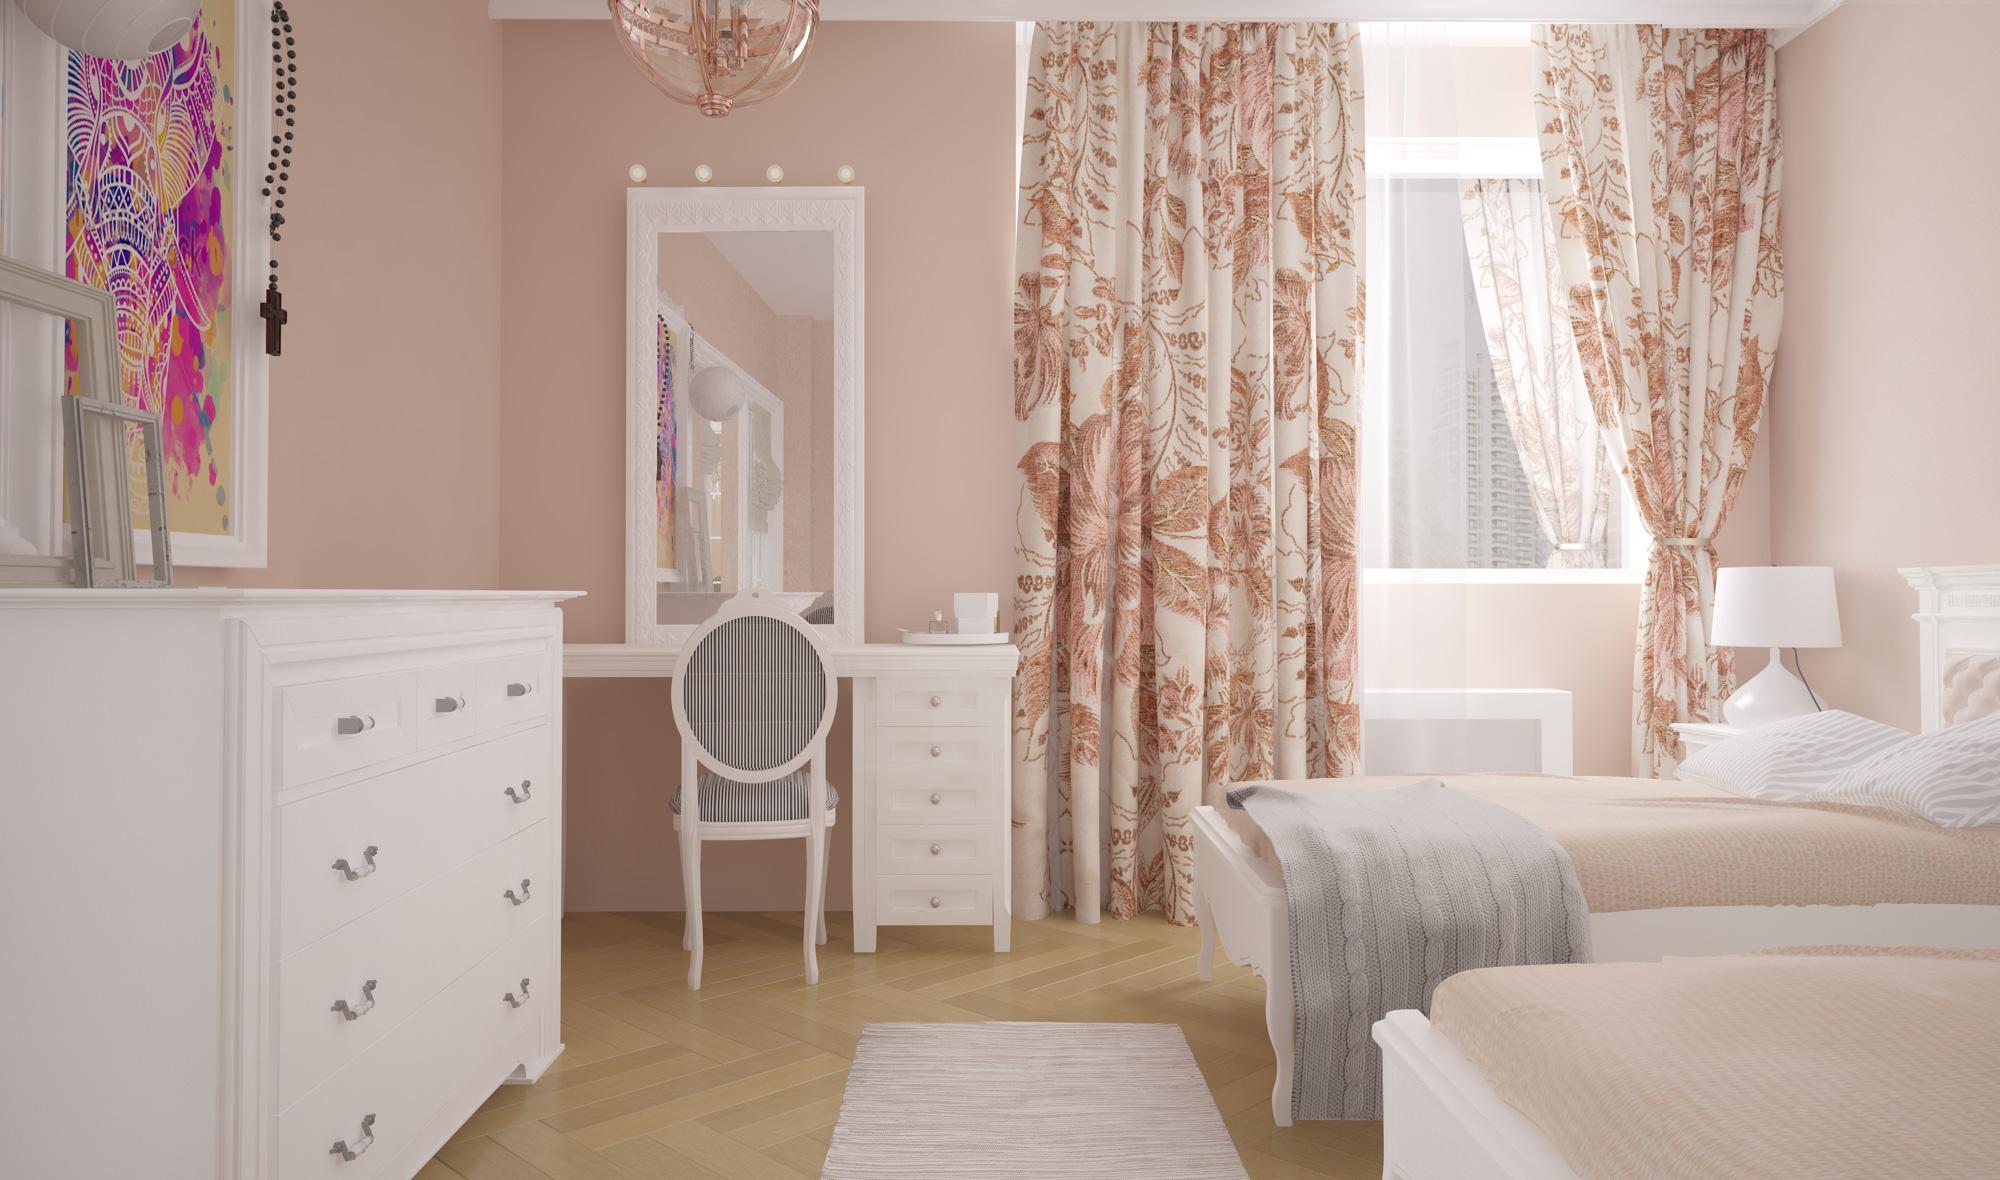 amenajare-interioara-apartament-cm-stil-clasic-3